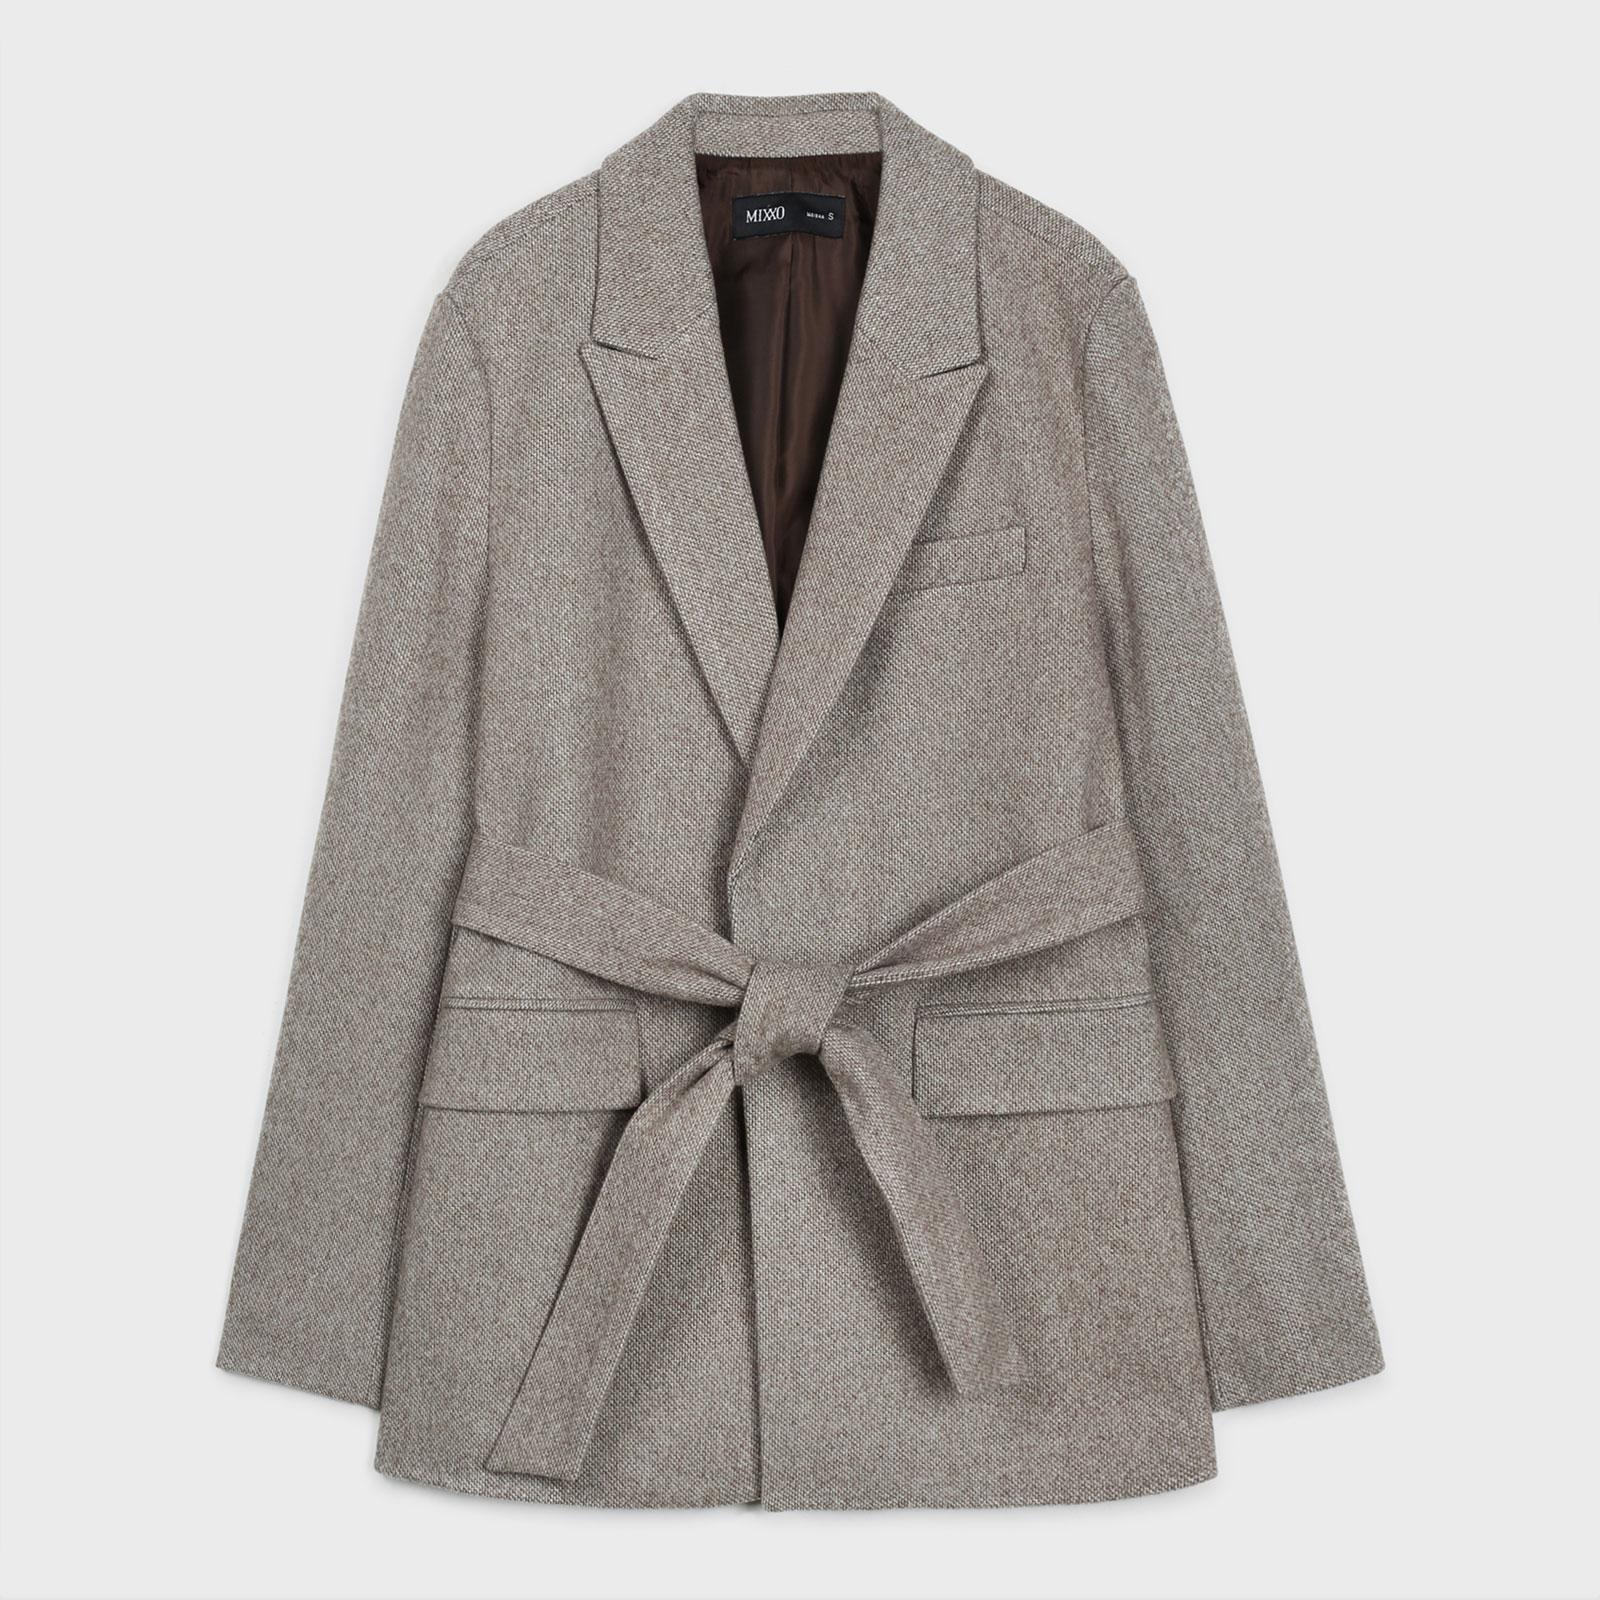 미쏘 여성용 패턴 노여밈 벨티드 자켓